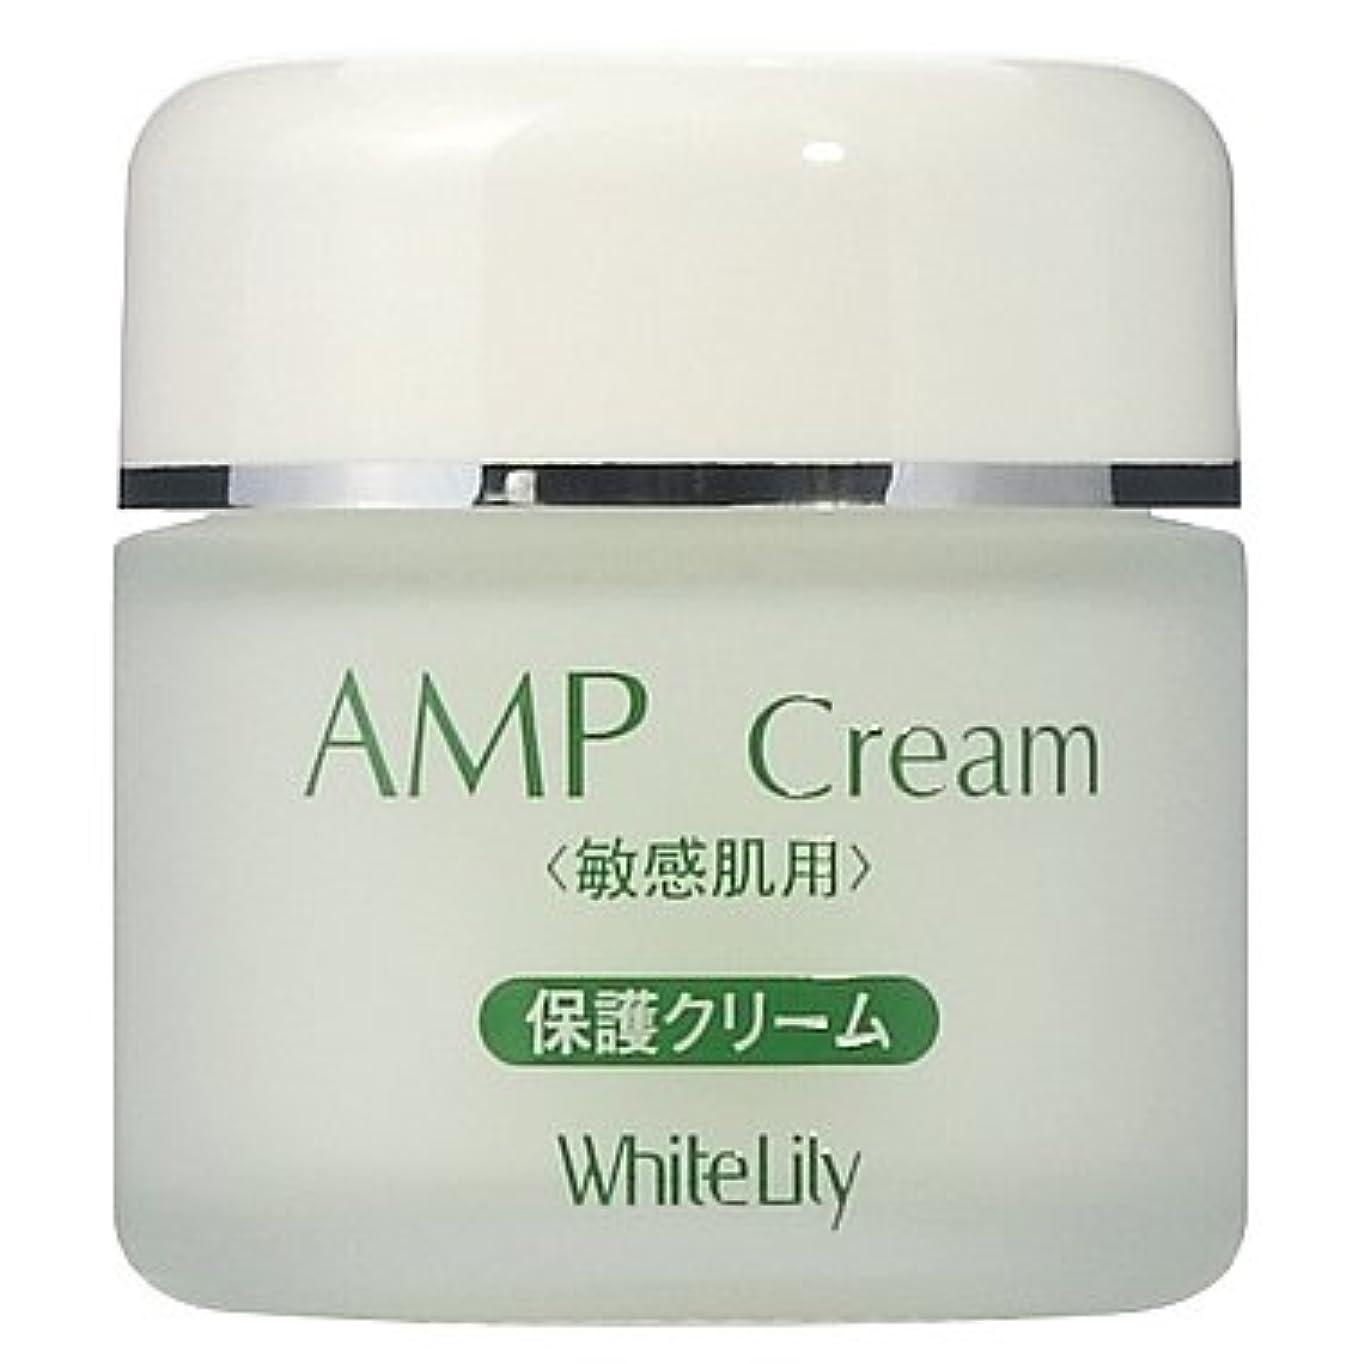 聴衆普及ブロッサムホワイトリリー AMPクリーム 40g クリーム